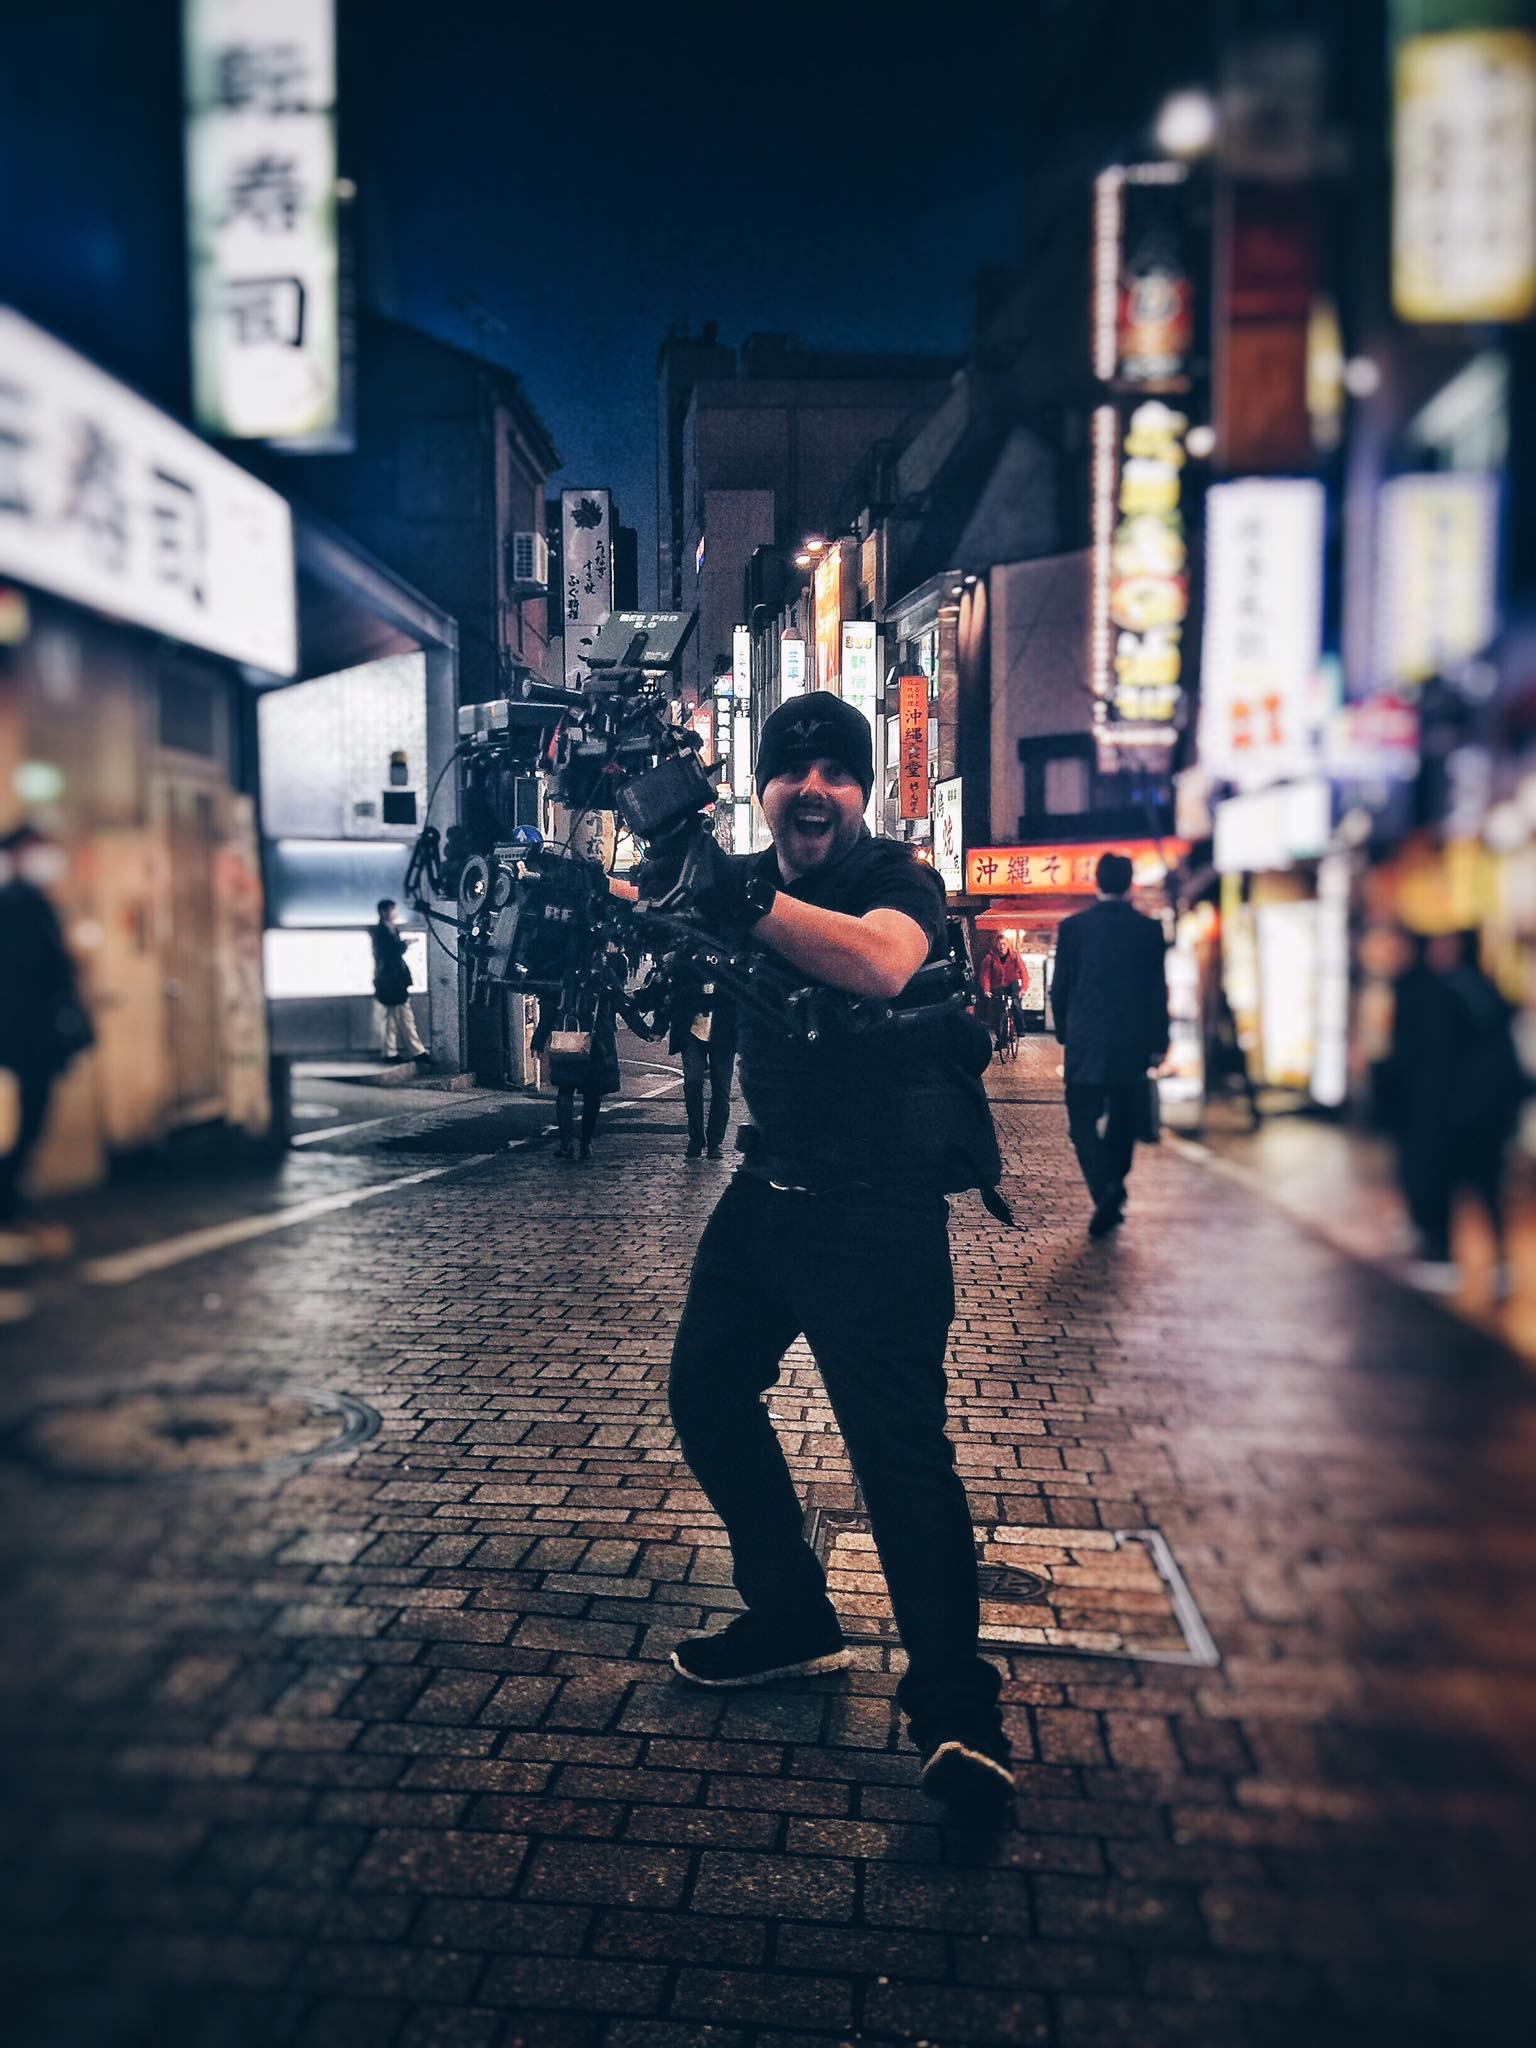 Chris McKechnie on location in Tokyo.